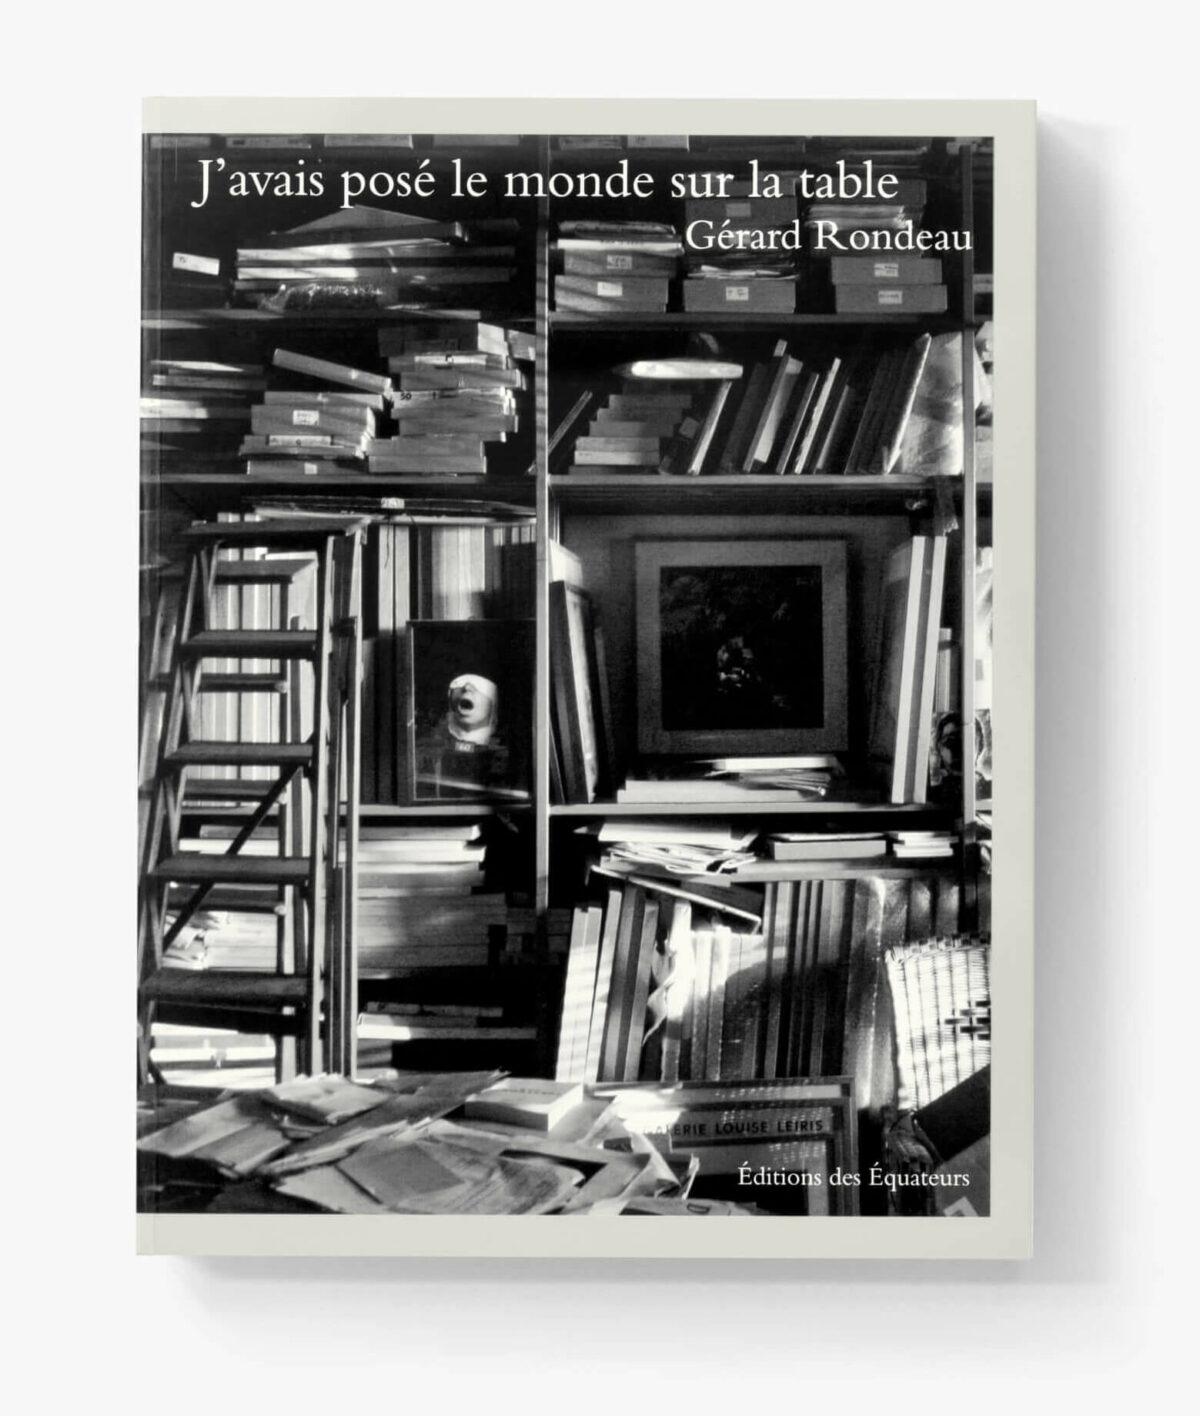 Couverture du livre J'avais posé le monde sur la table